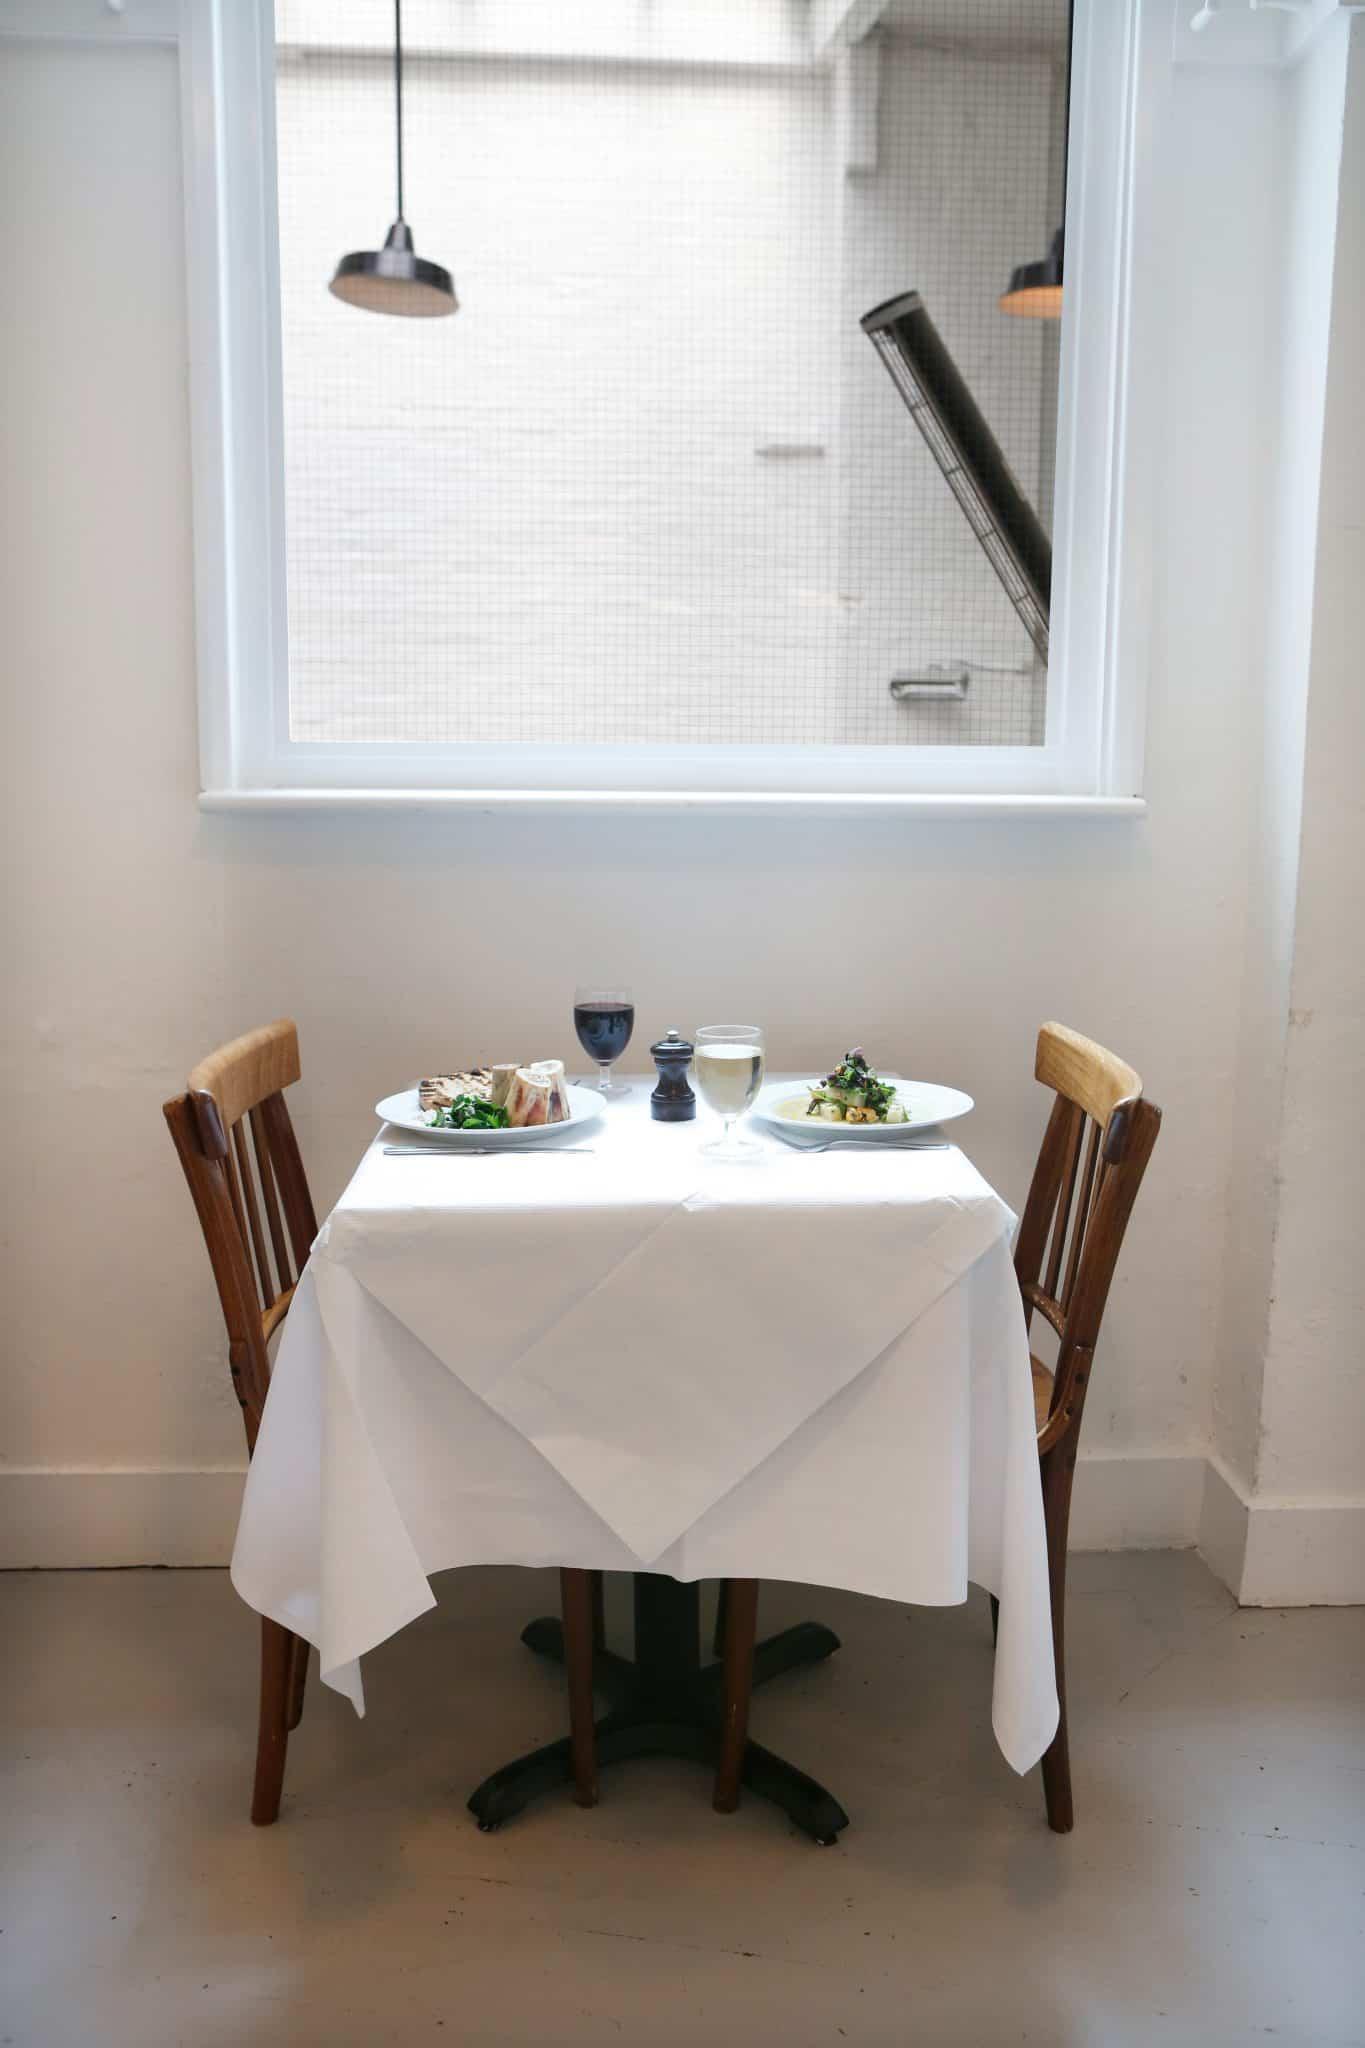 St. JOHN dining room table | Photo: Stefan Johnson